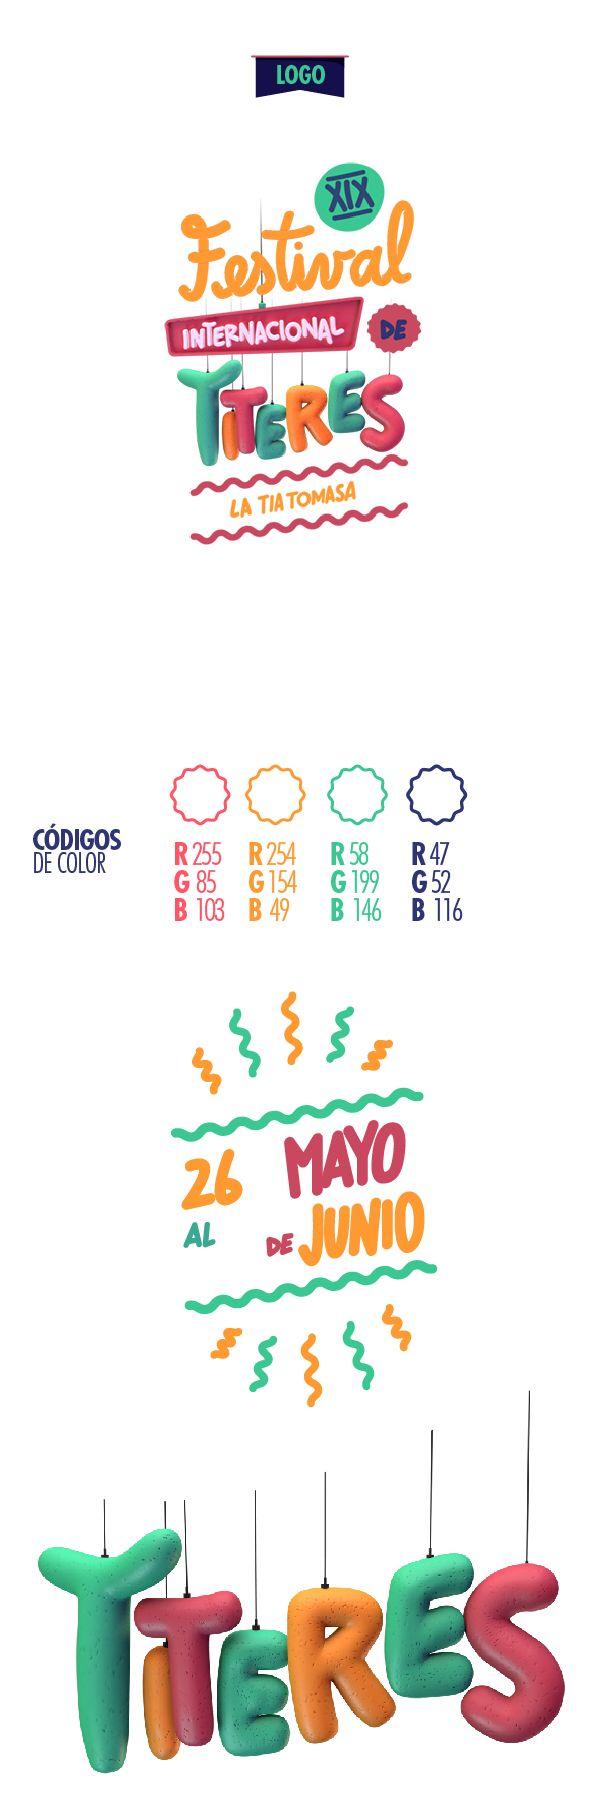 XIX Festival Internacional de Titeres La Tia Tomasa on Behance